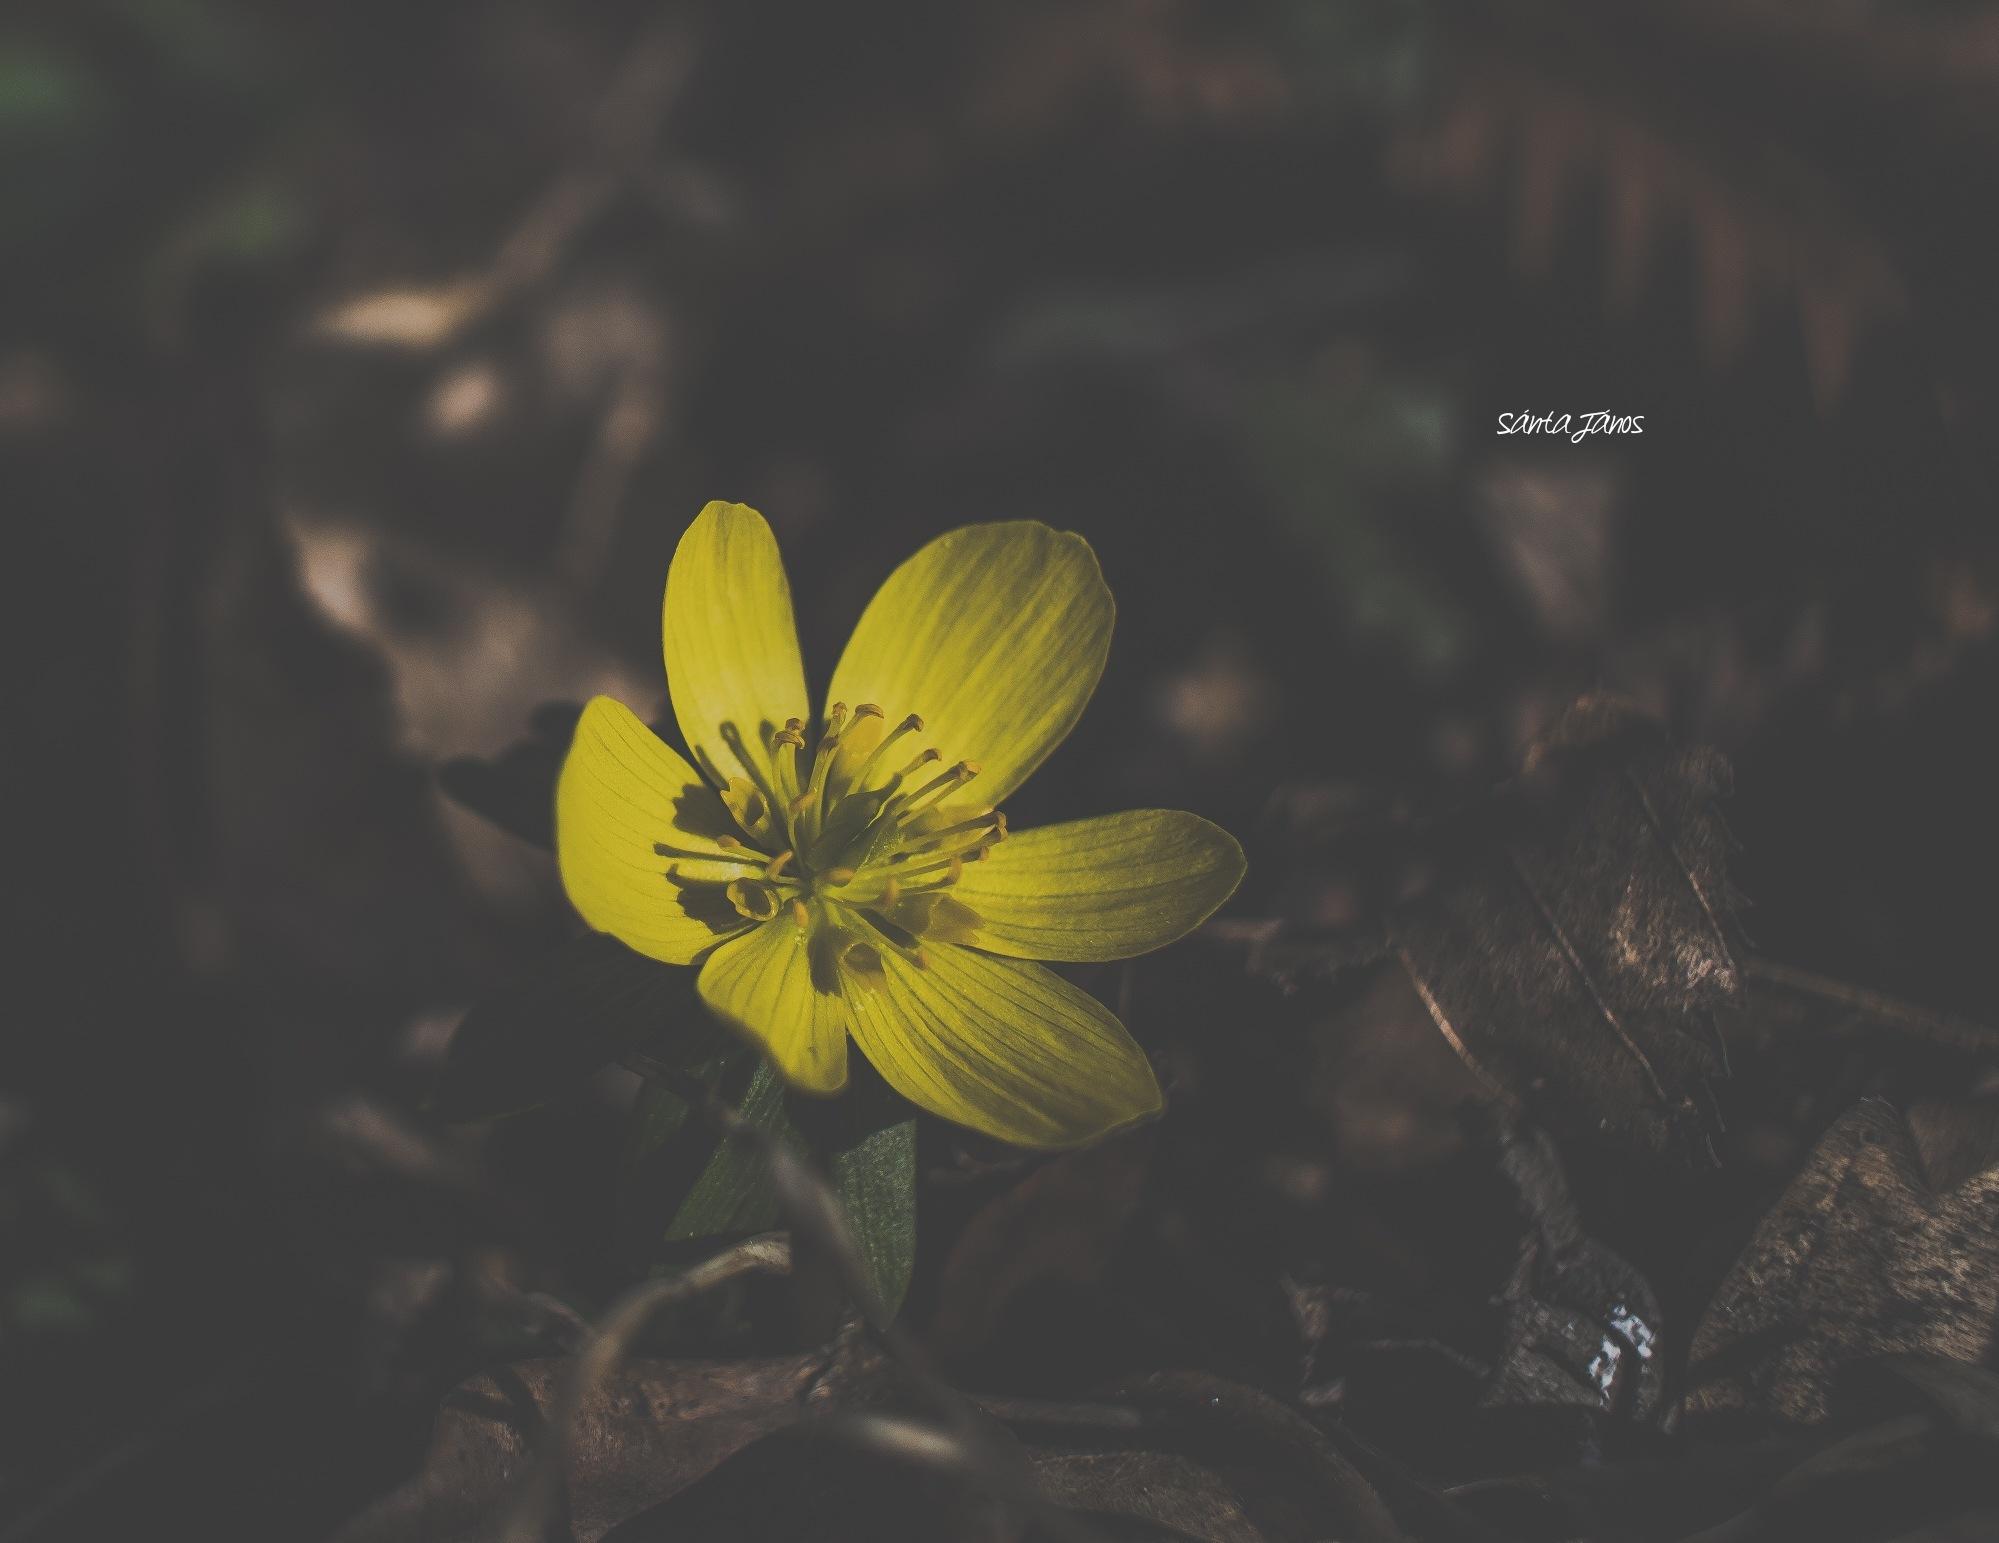 Spring flower by János Sánta